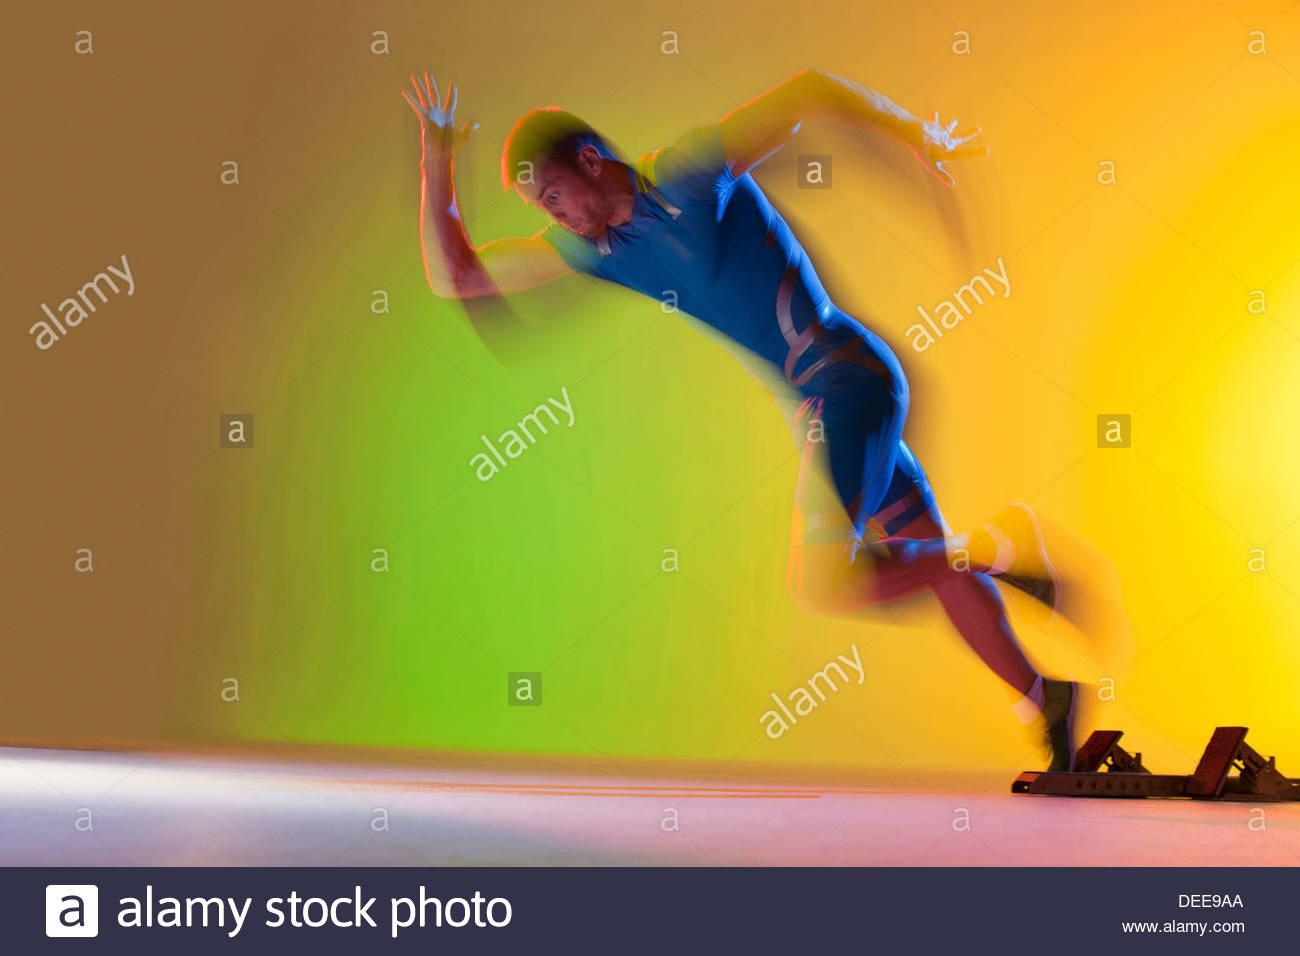 Vista offuscata di atleta in esecuzione Immagini Stock